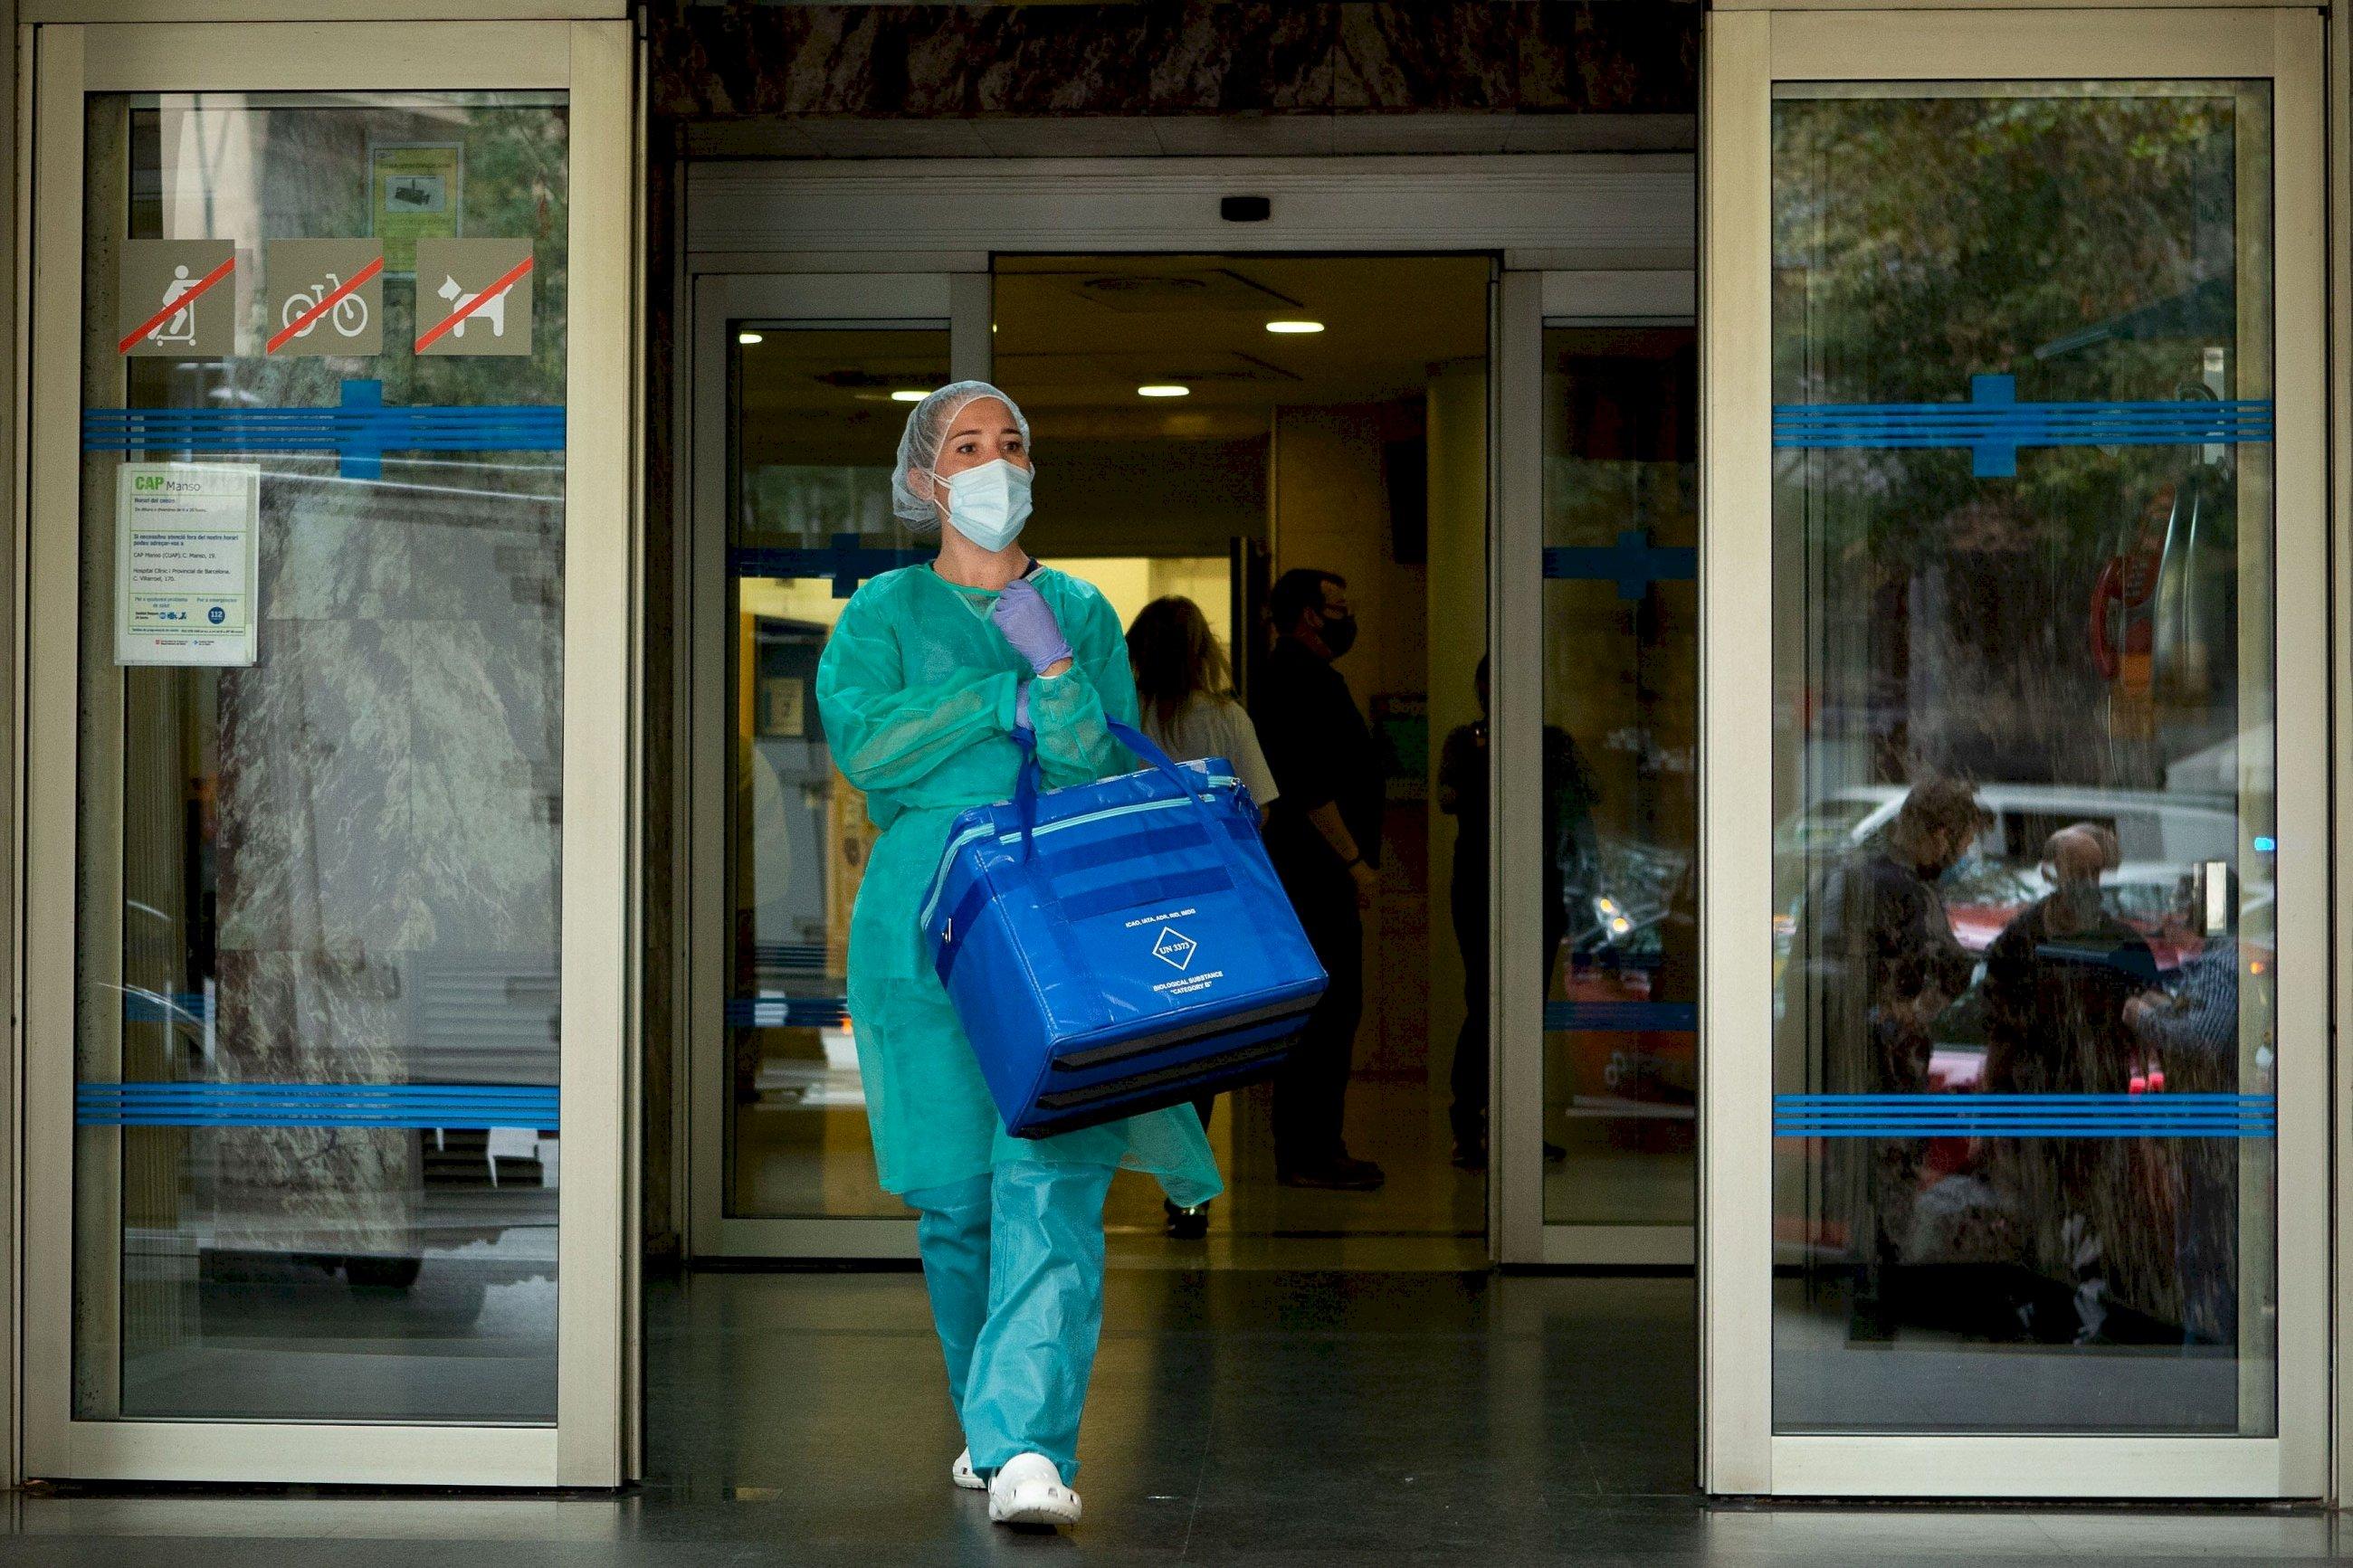 Una profesional sanitaria sale del Centro de Atención Primaria (CAP) de la calle Manso de Barcelona, el 21 de octubre de 2020 | EFE/EF/Archivo